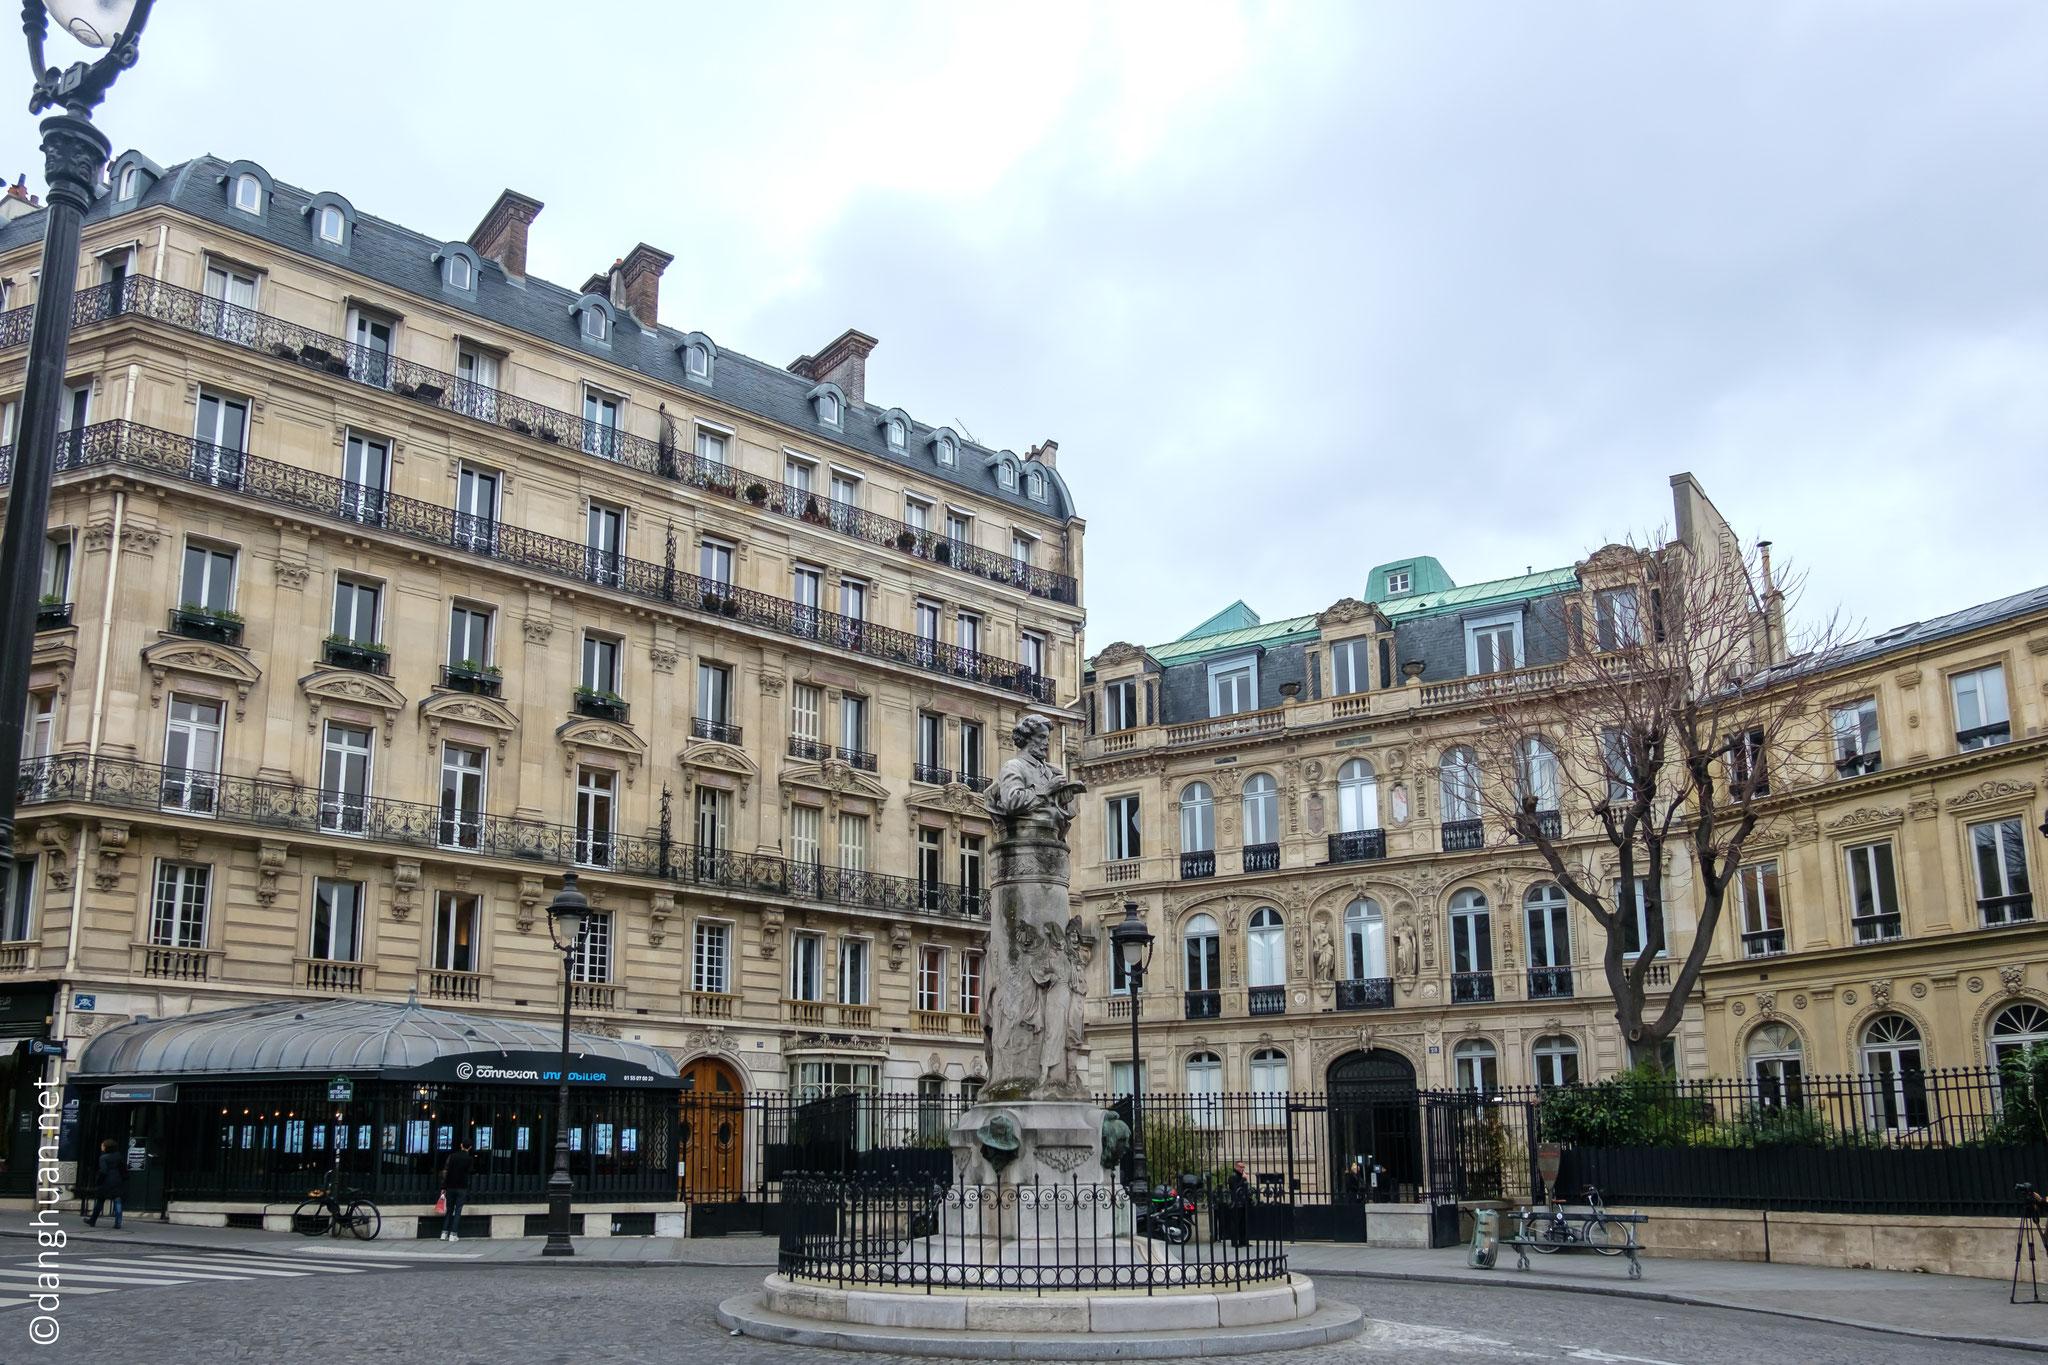 Place St Georges, au centre un buste de Paul Gavarni, dessinateur et caricaturiste du 19e siècle